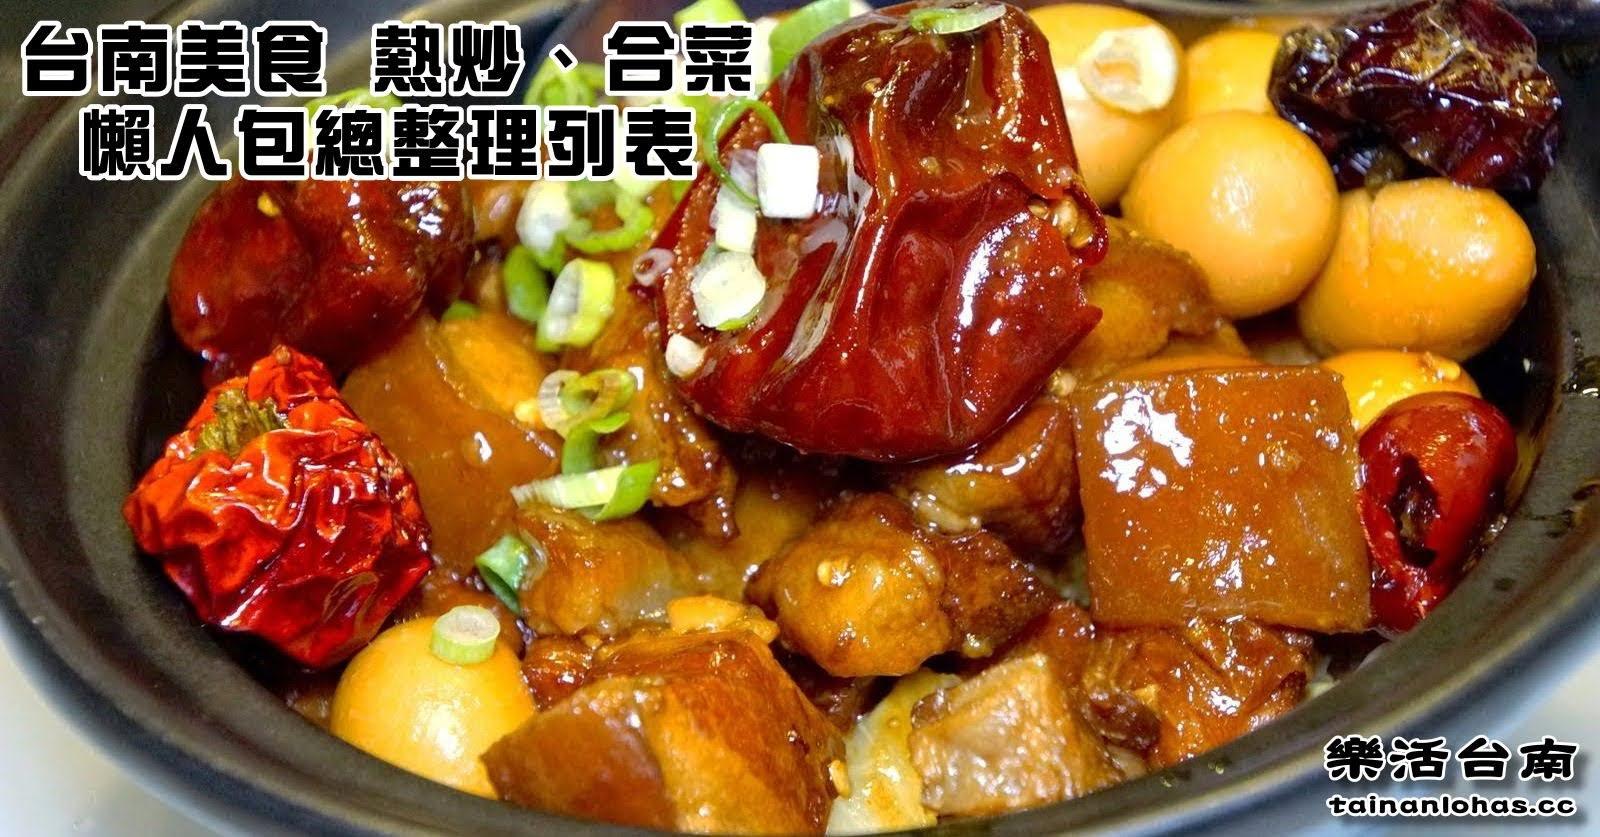 台南美食懶人包|熱炒、合菜|總整理列表|特輯